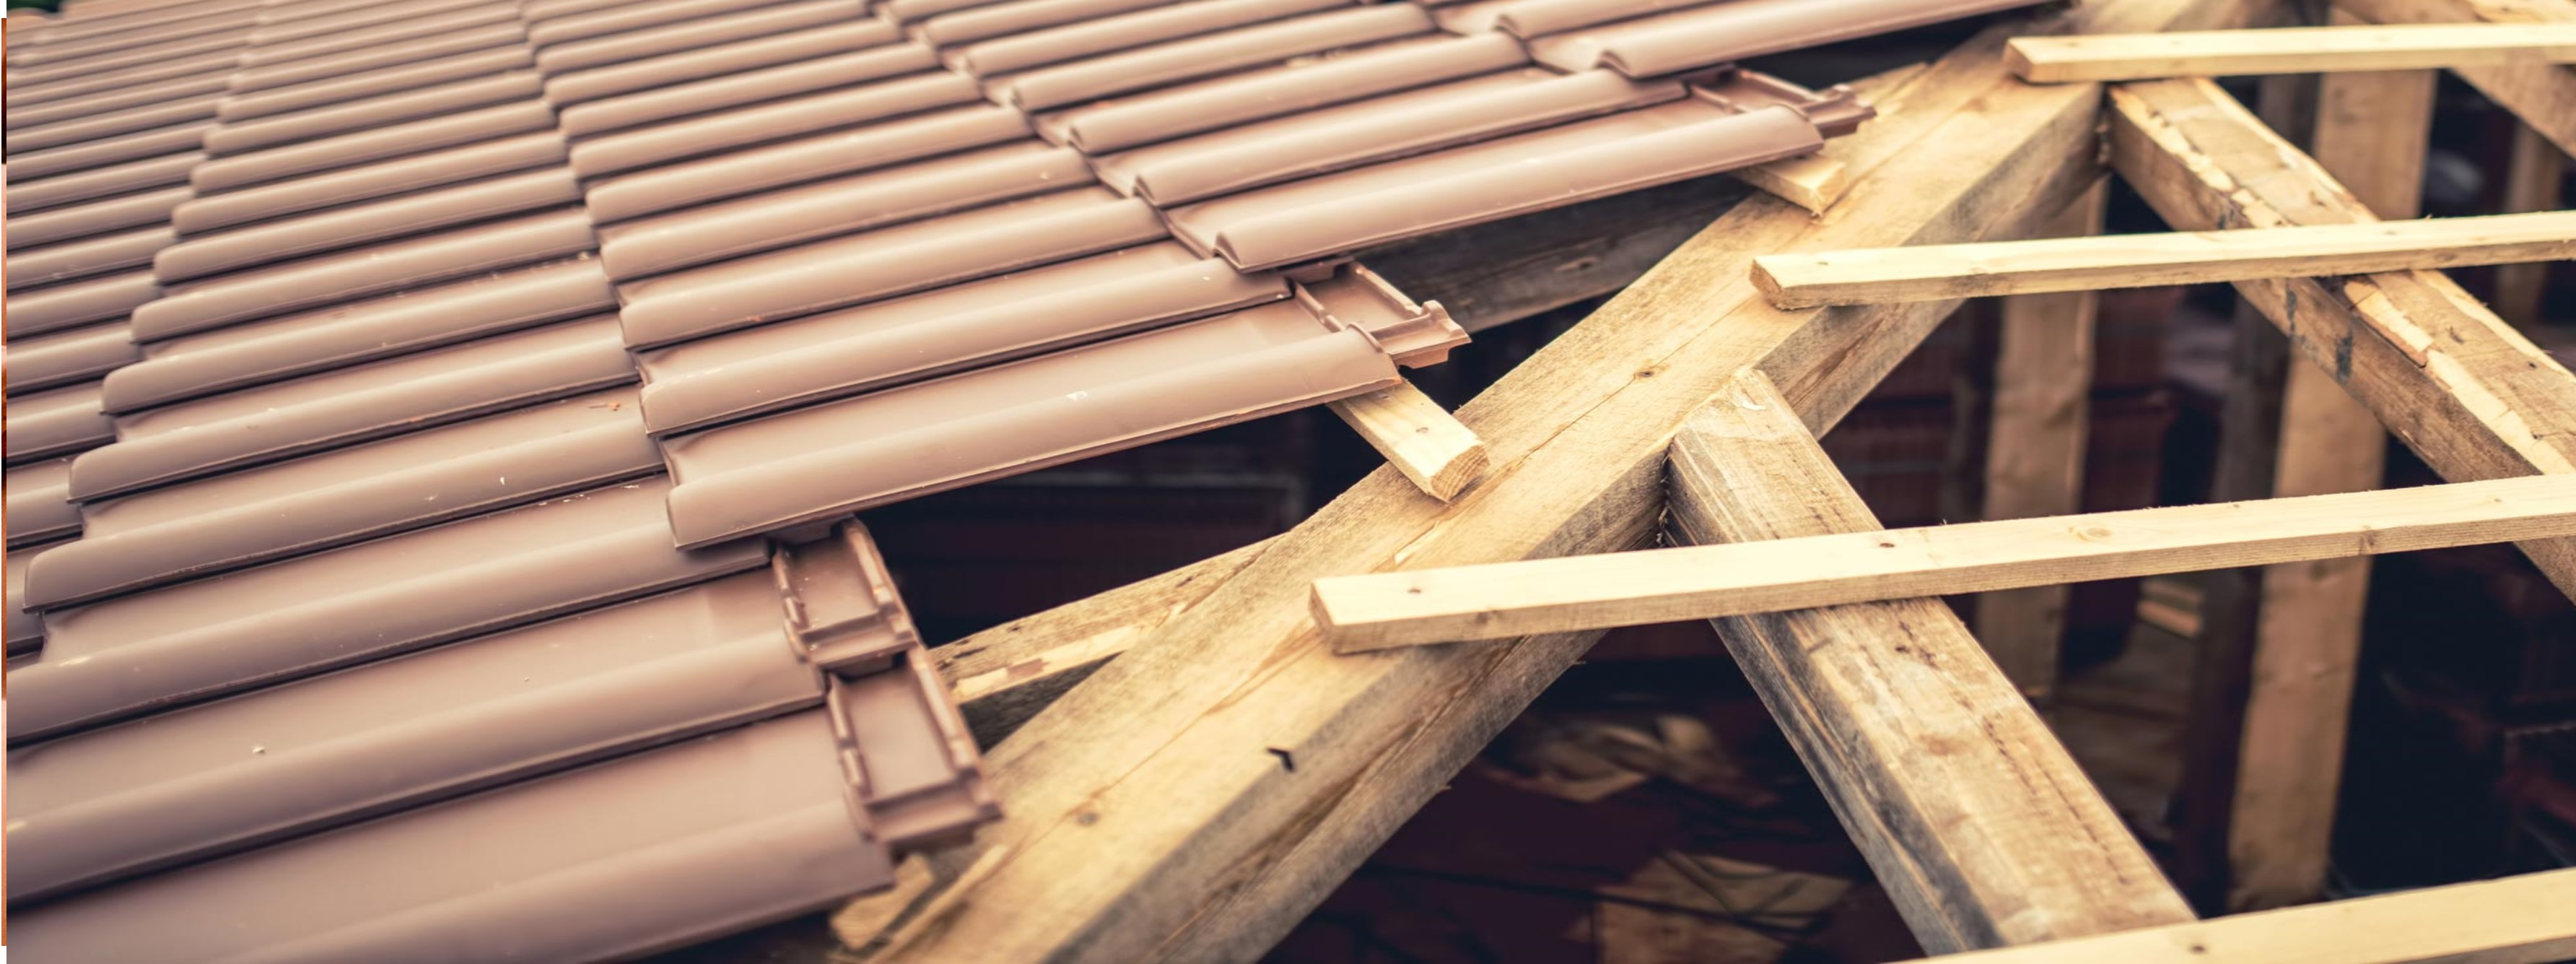 Konstrukcje i poszycia dachowe